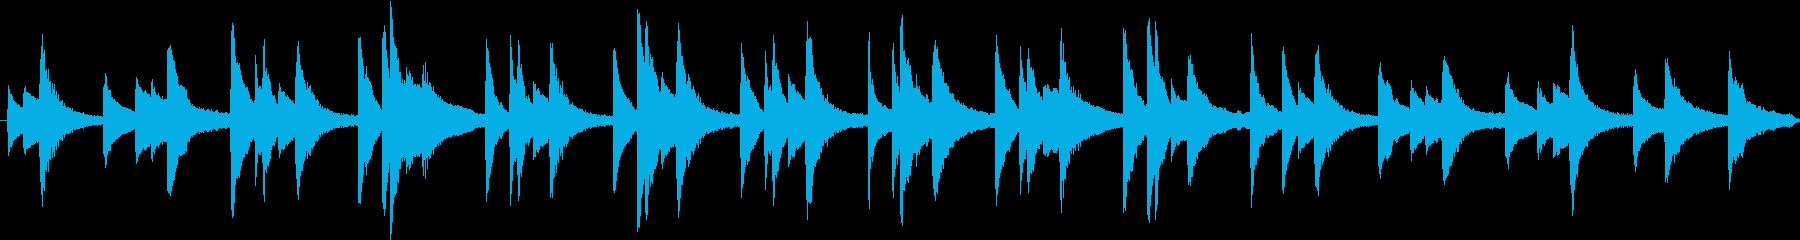 ゆったりと明るく爽やかなピアノBGMの再生済みの波形